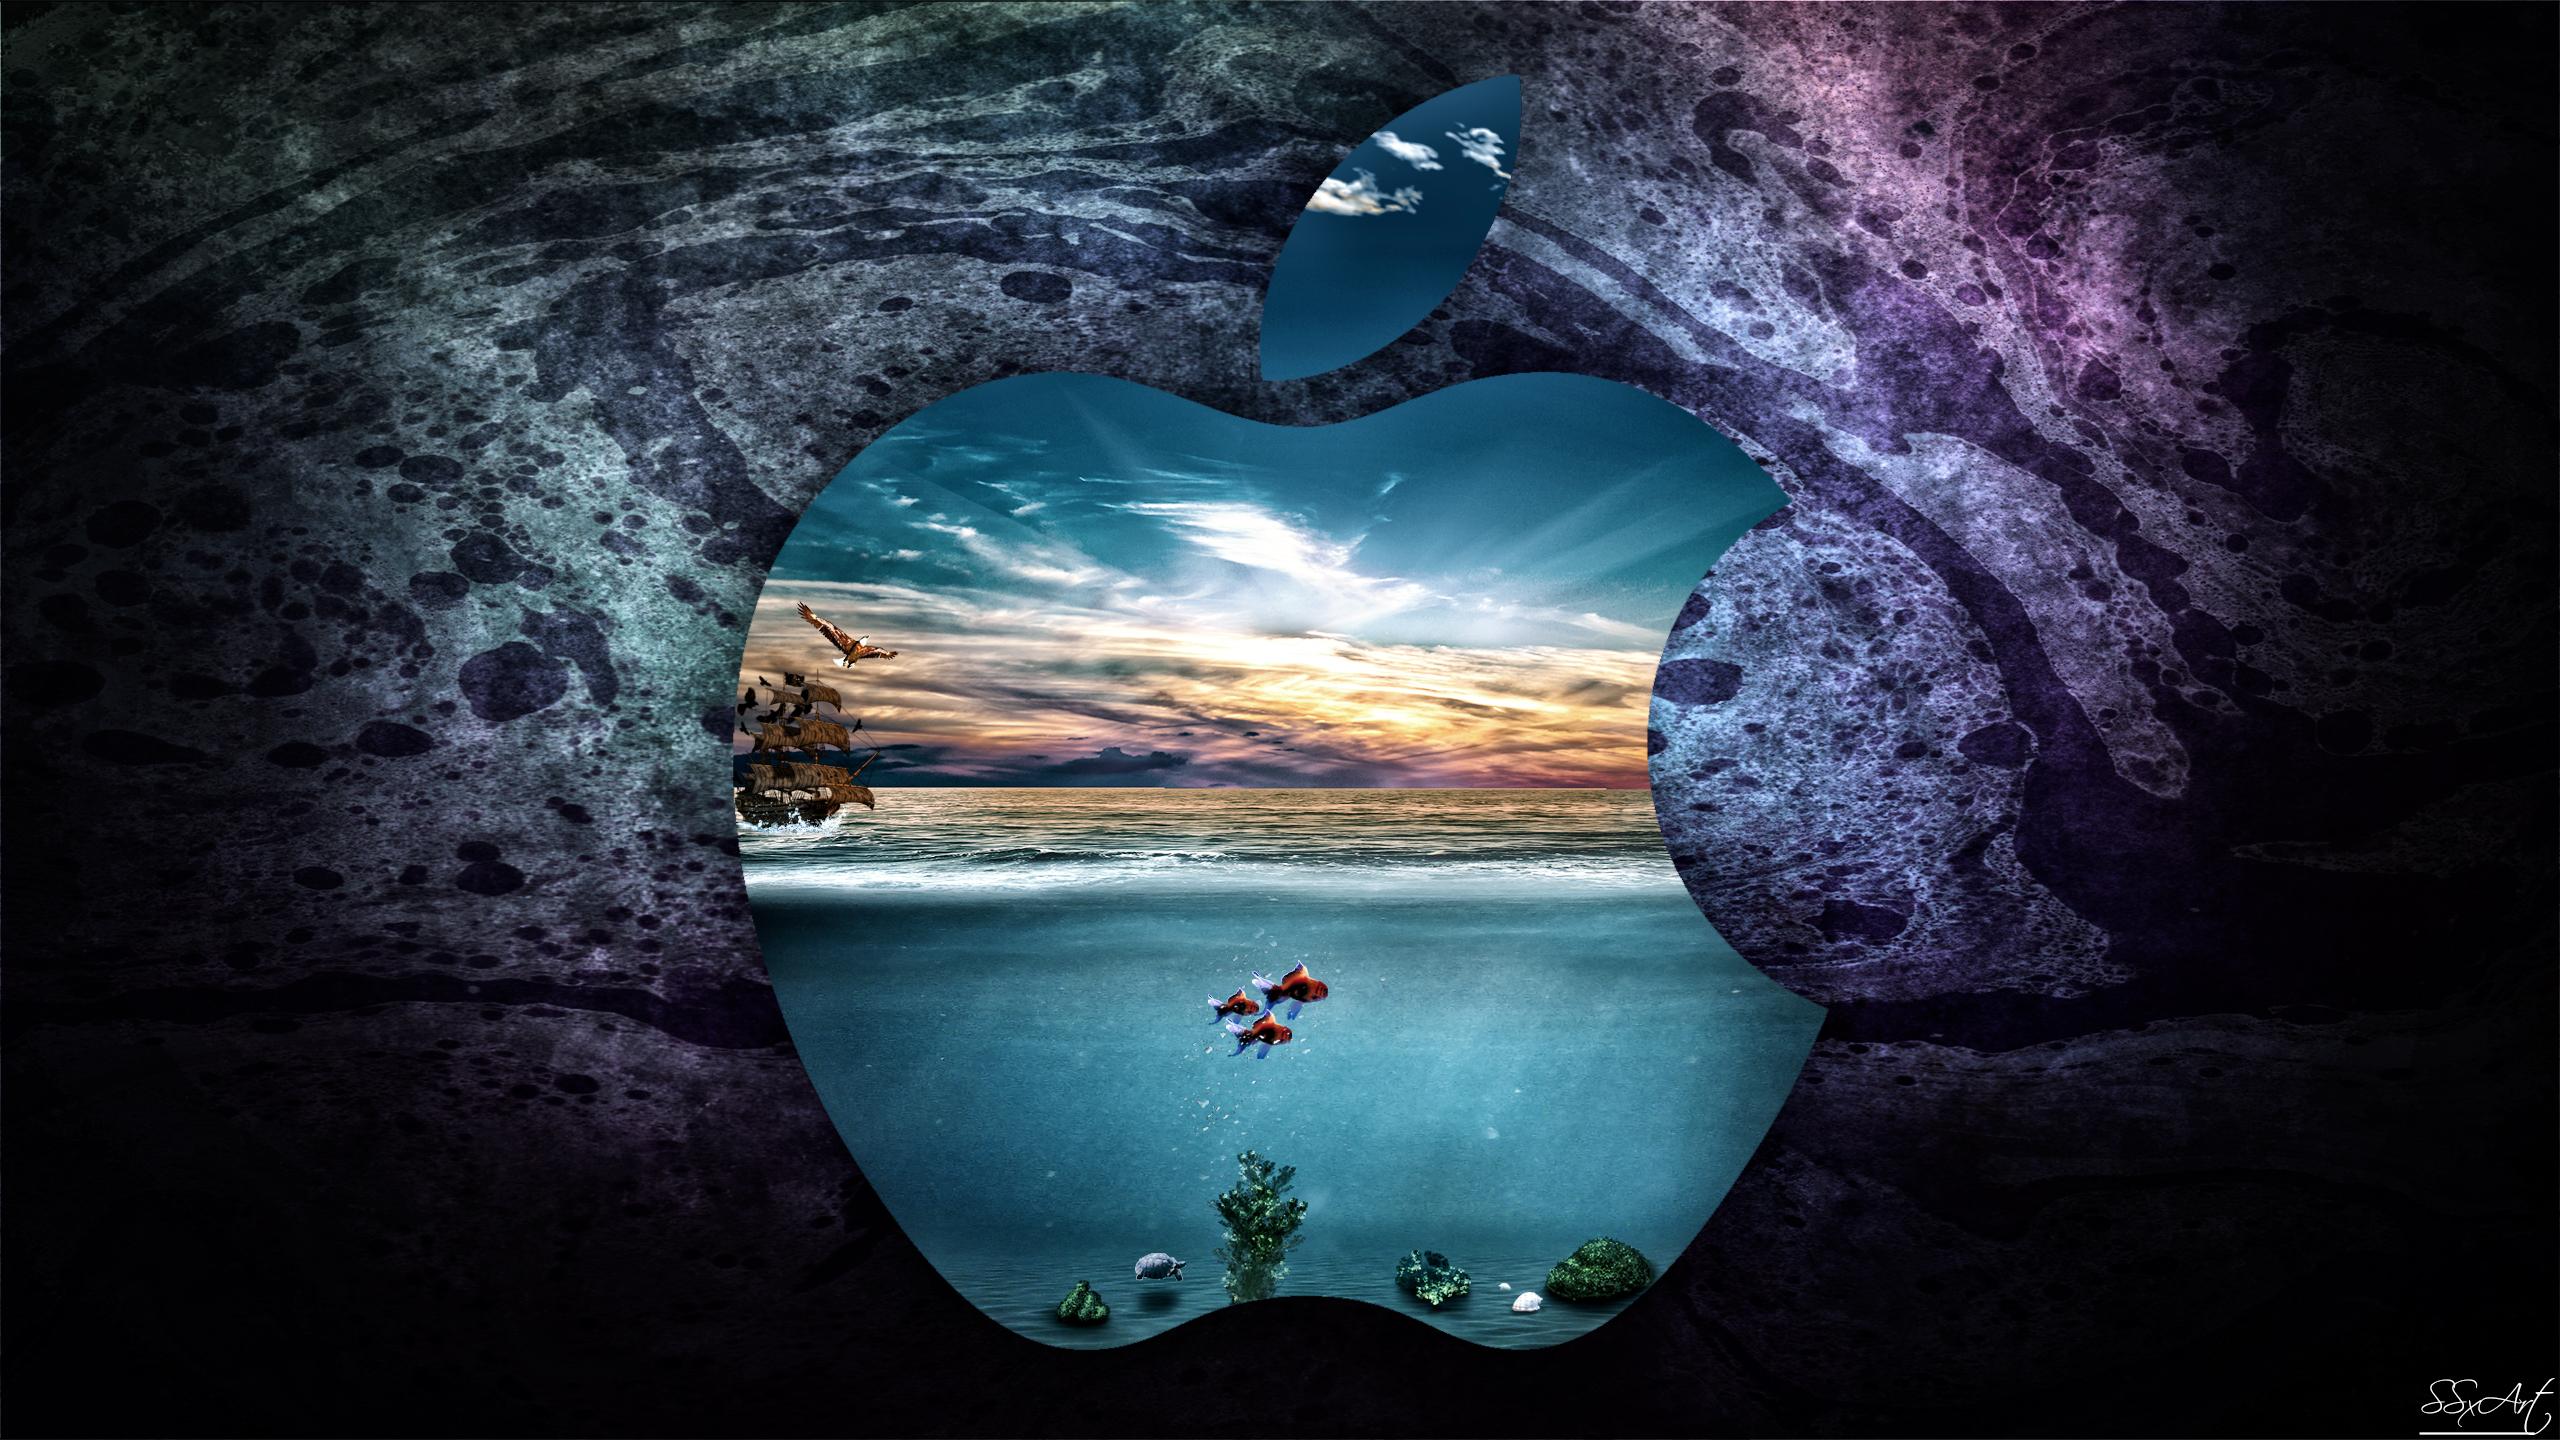 ssxartdeviantartcomApple UnderWater iMac 27 inch 2560x1440